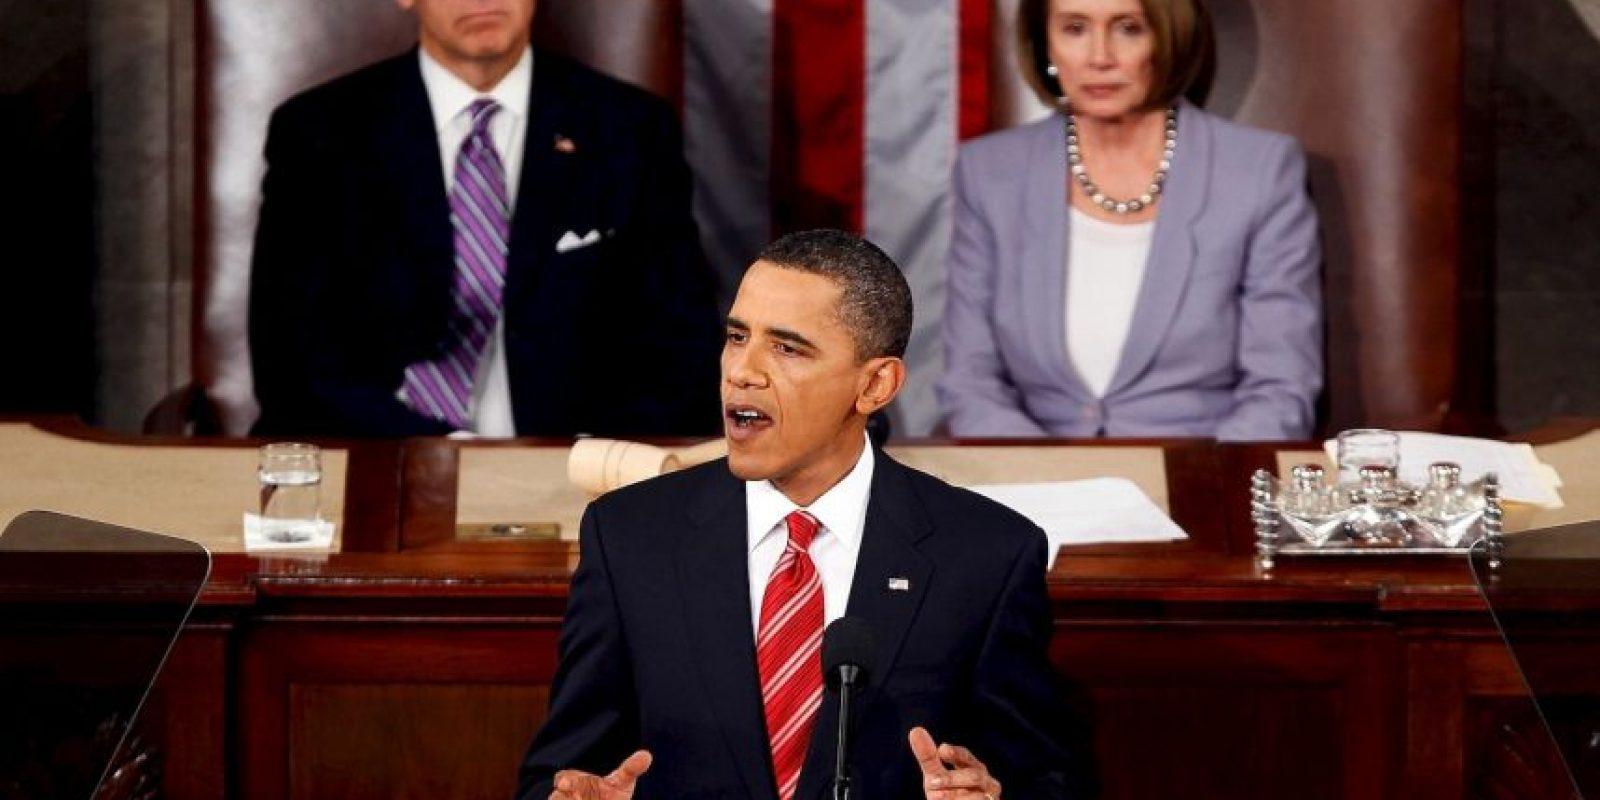 En 2010 el mandatario aún lucía un cabello negro. Foto:Getty Images. Imagen Por: